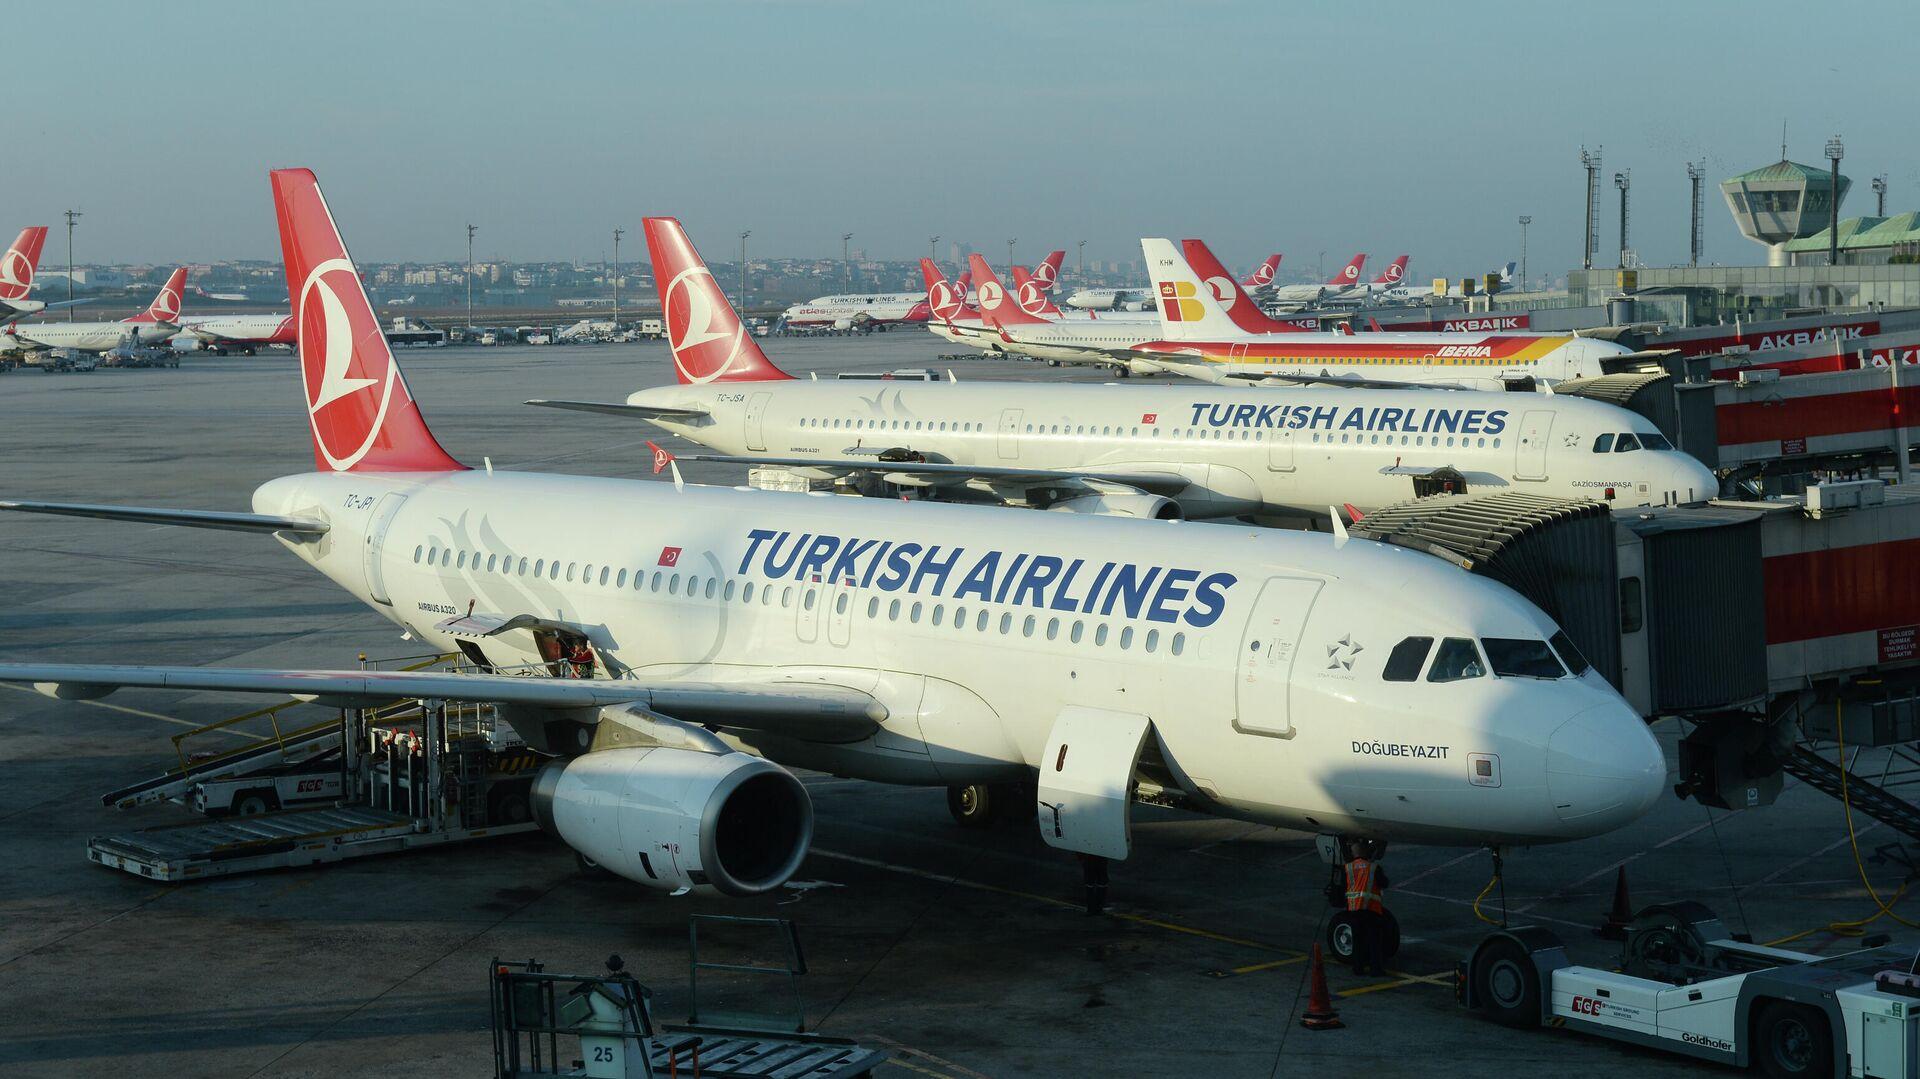 Самолеты авиакомпании Turkish Airlines в Международном аэропорту имени Ататюрка в Стамбуле - РИА Новости, 1920, 21.06.2021